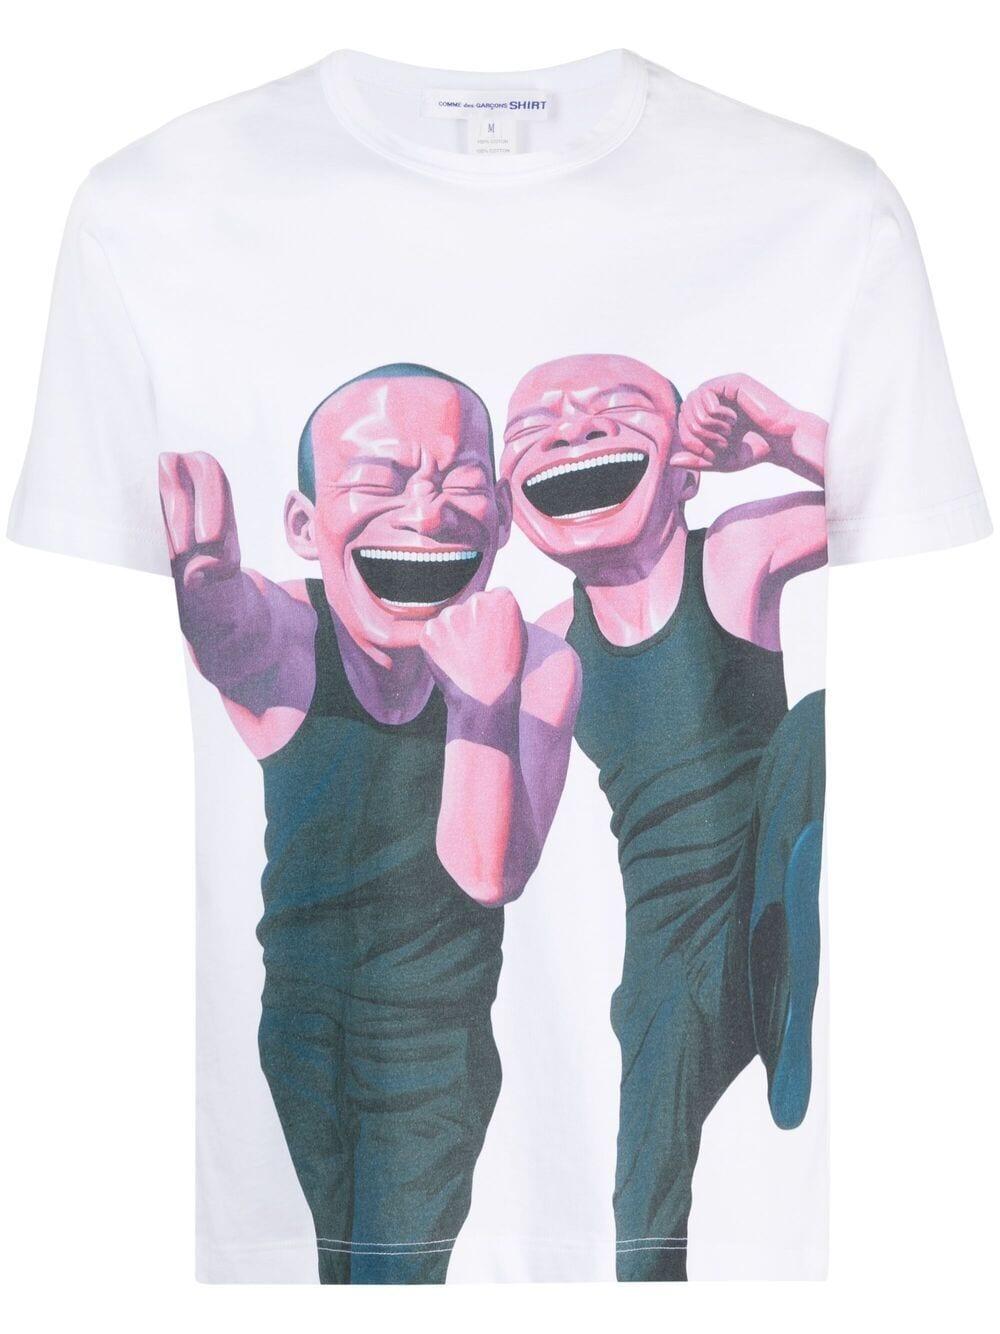 <p class='small-title'>COMME DES GARçONS SHIRT</p>T-shirt